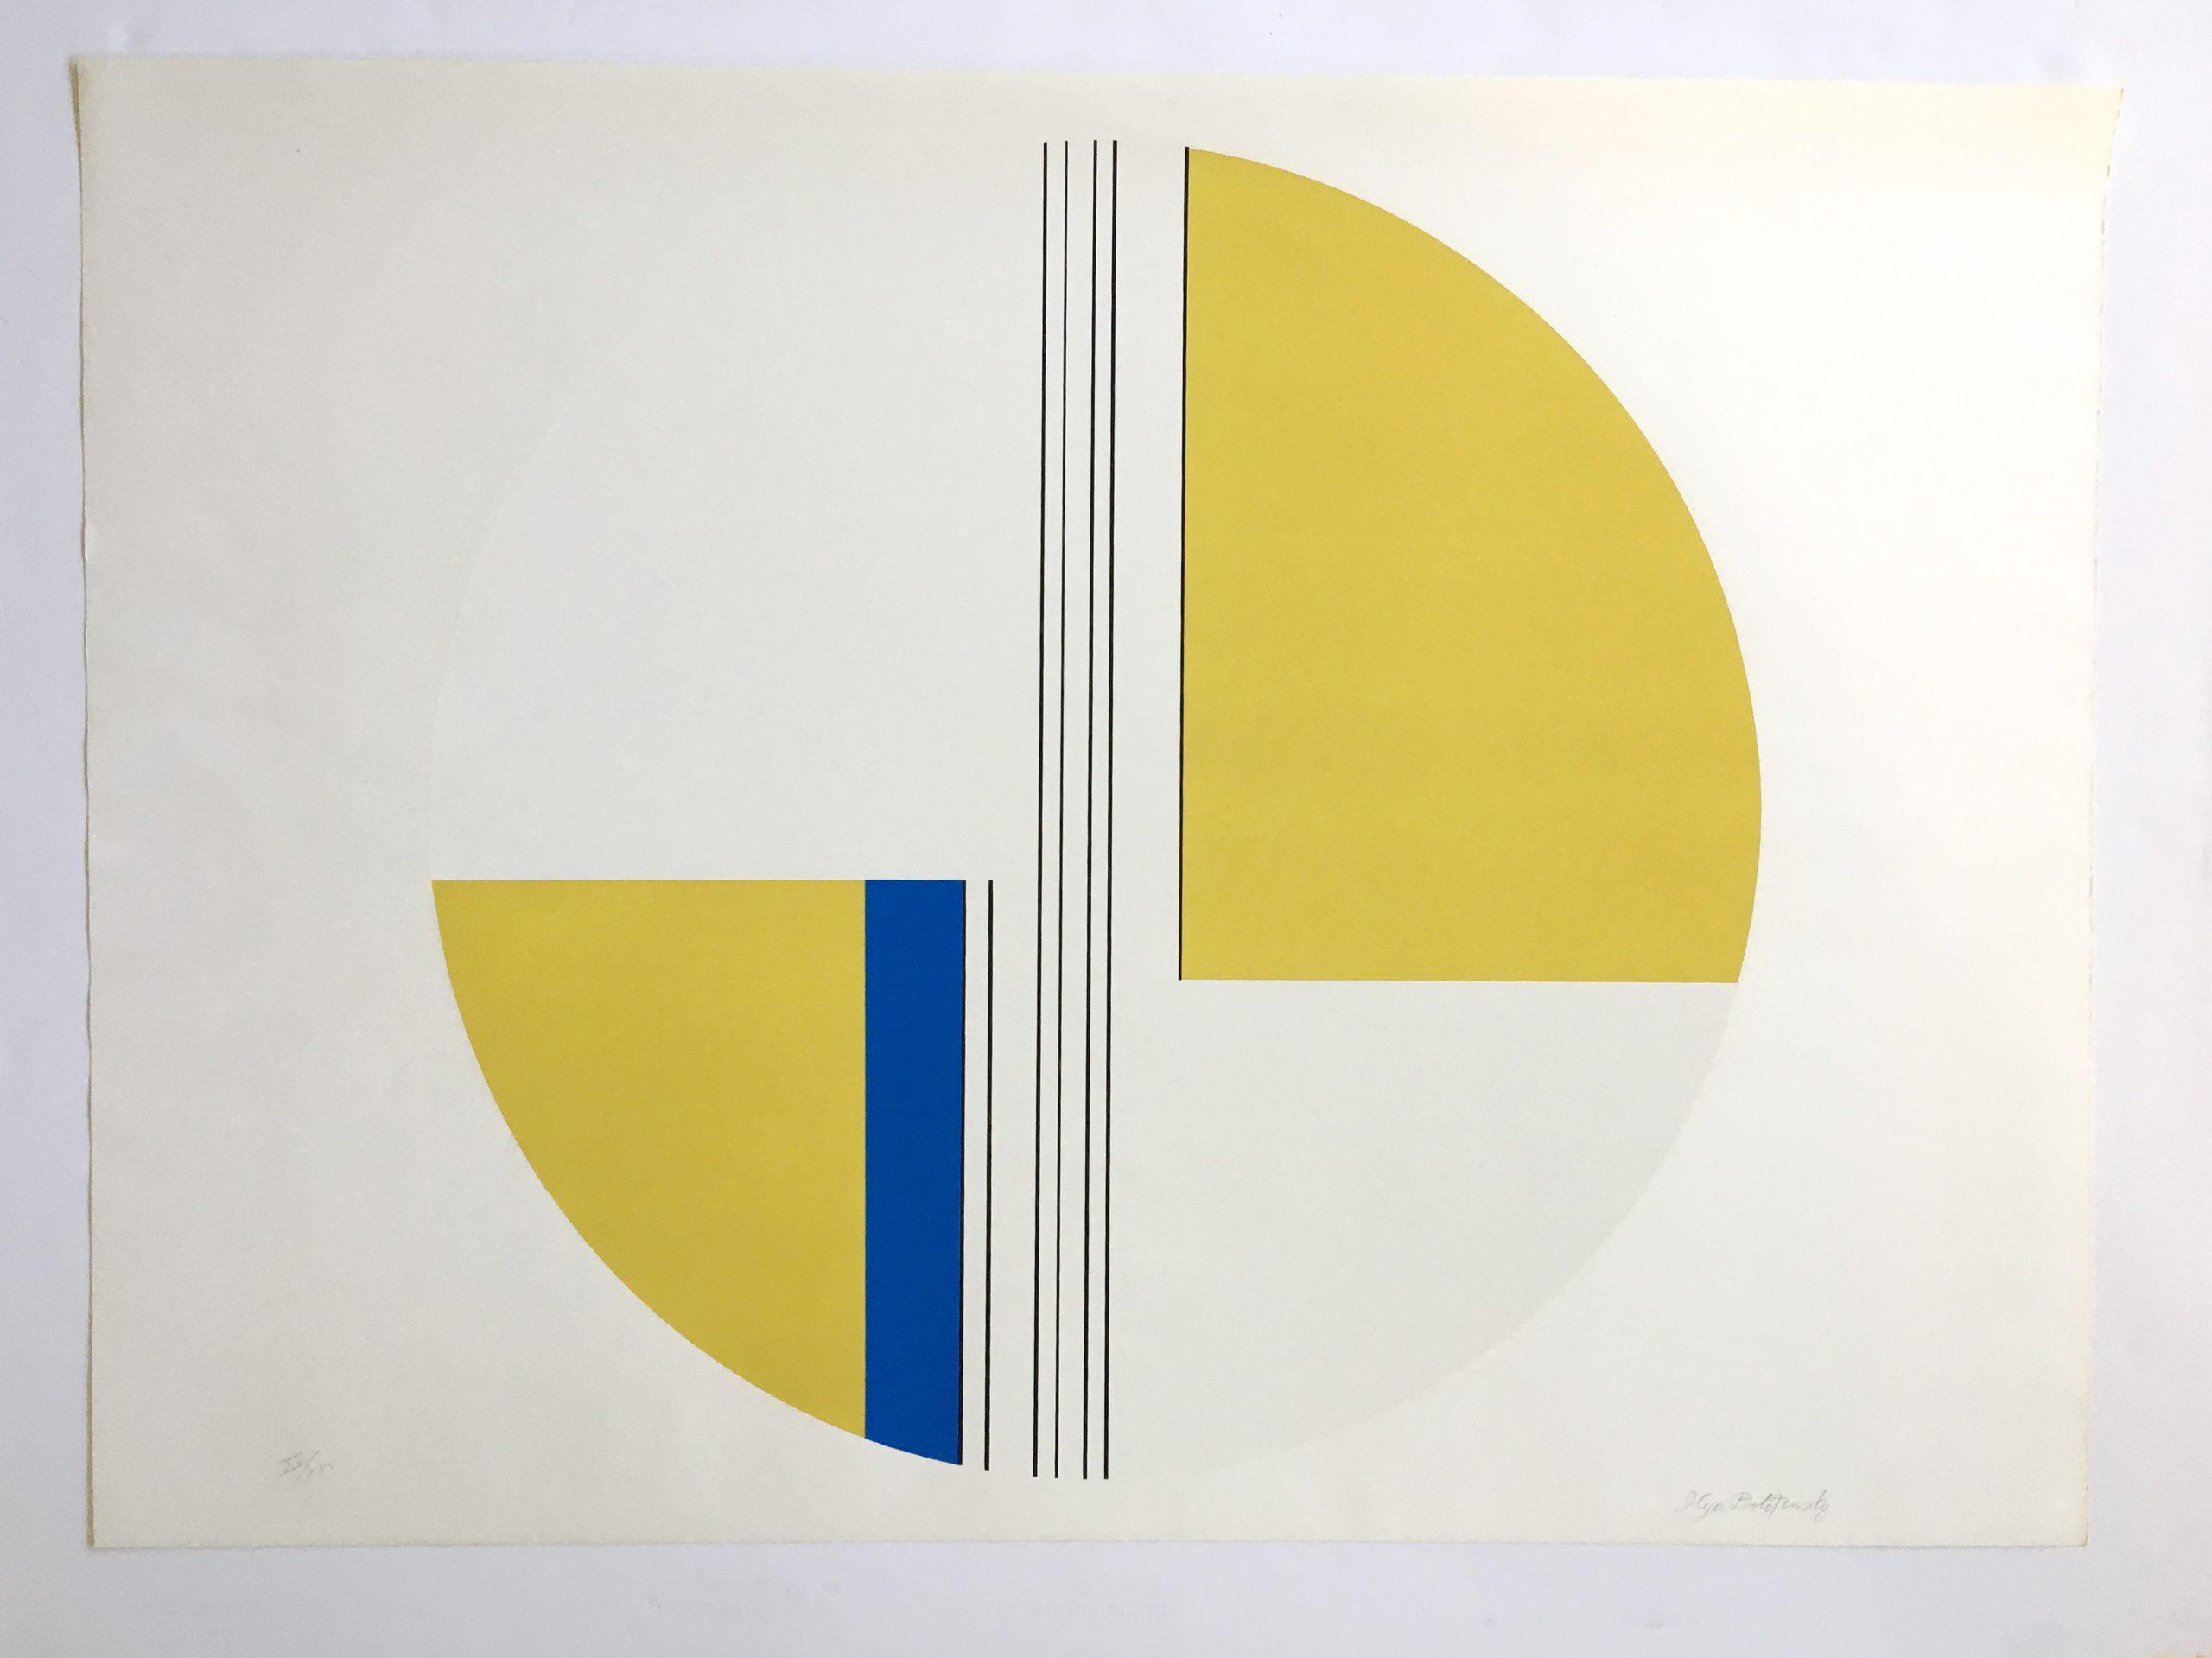 Tondo Portfolio II, #2 by Ilya Bolotowsky